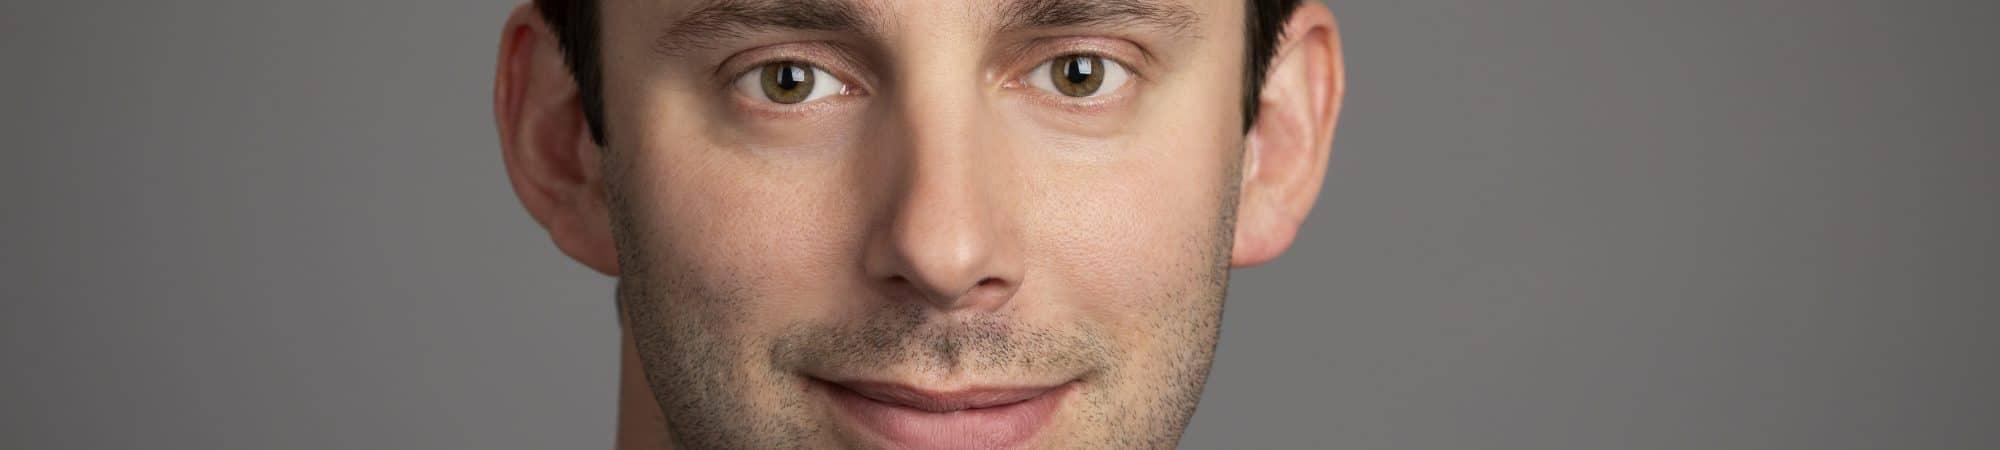 Ex-engenheiro do Google, Anthony Levandowski